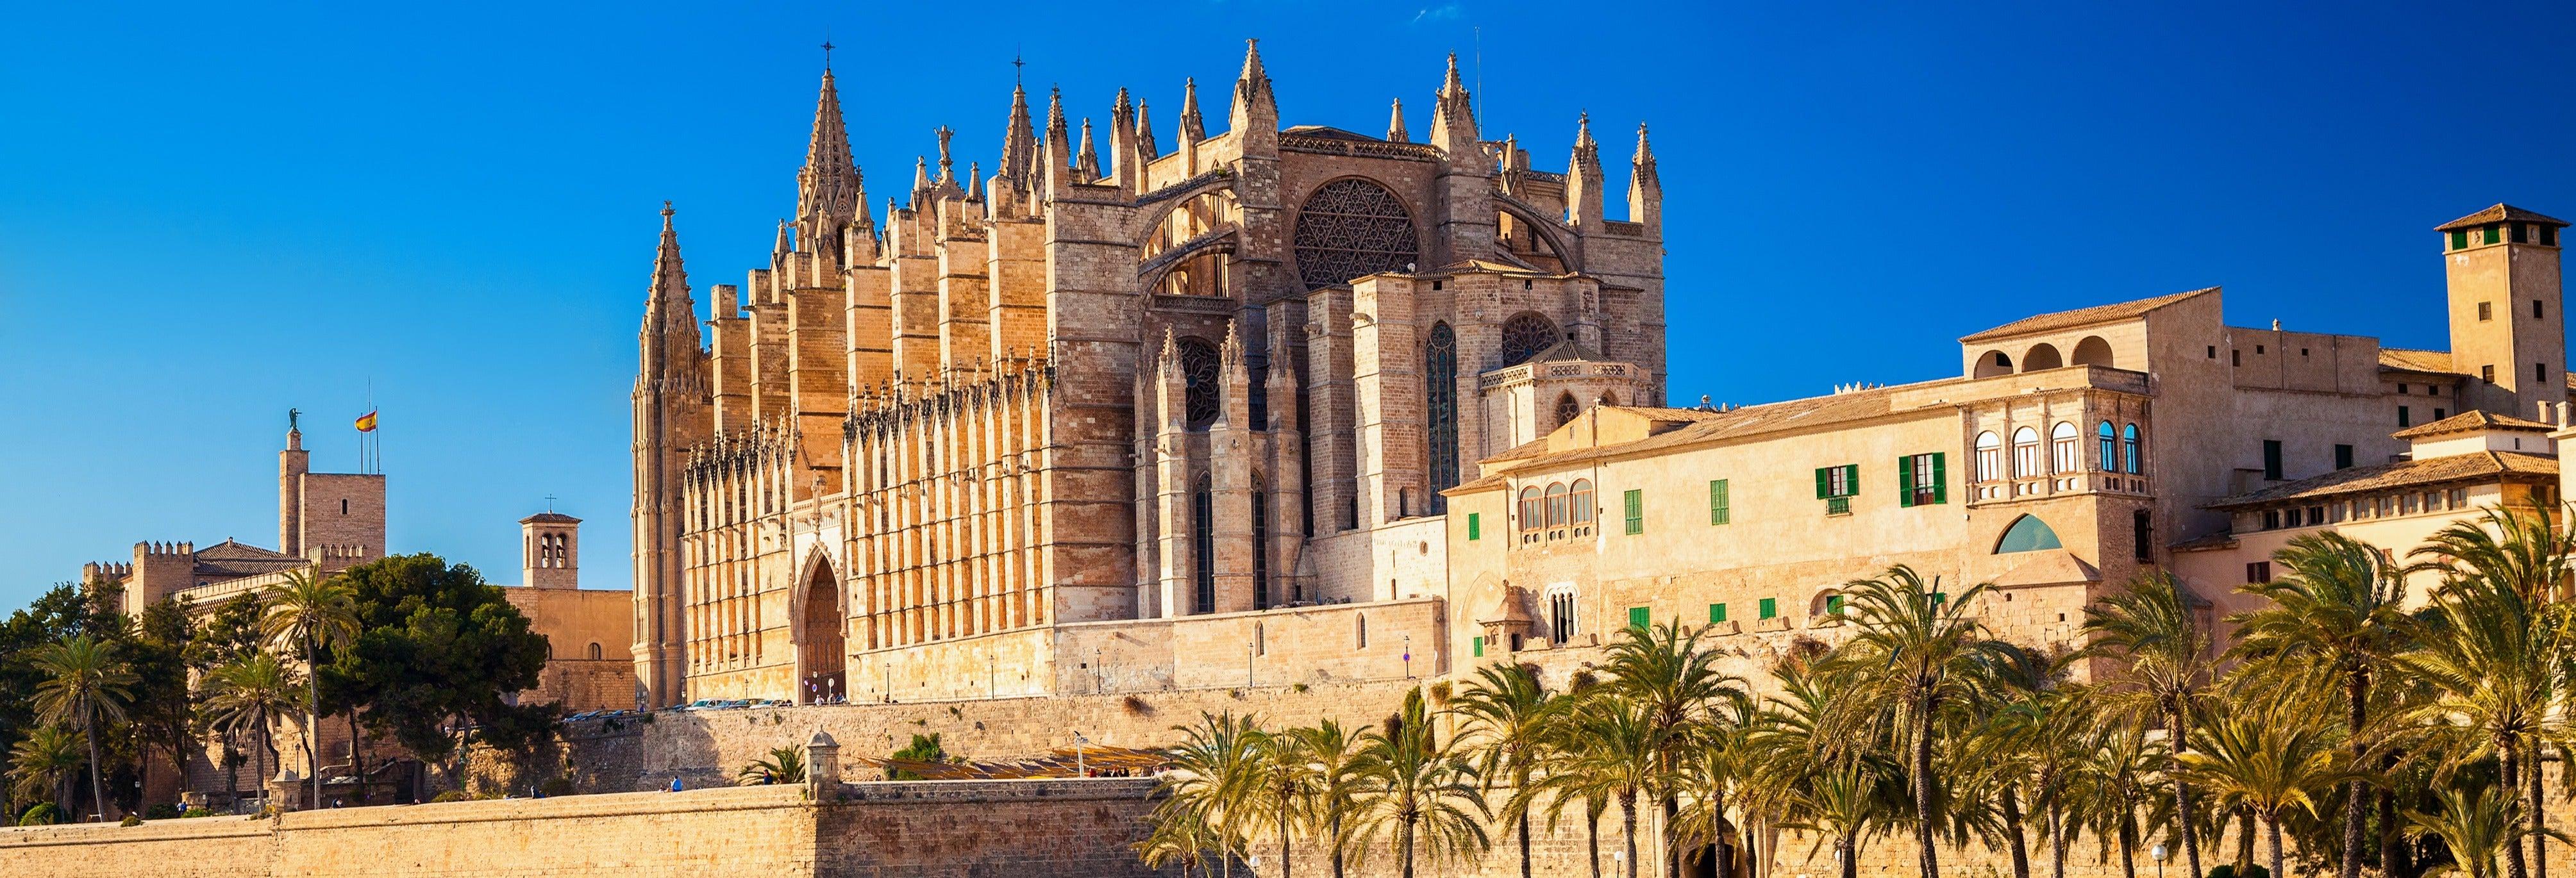 Visita panorámica por Palma de Mallorca